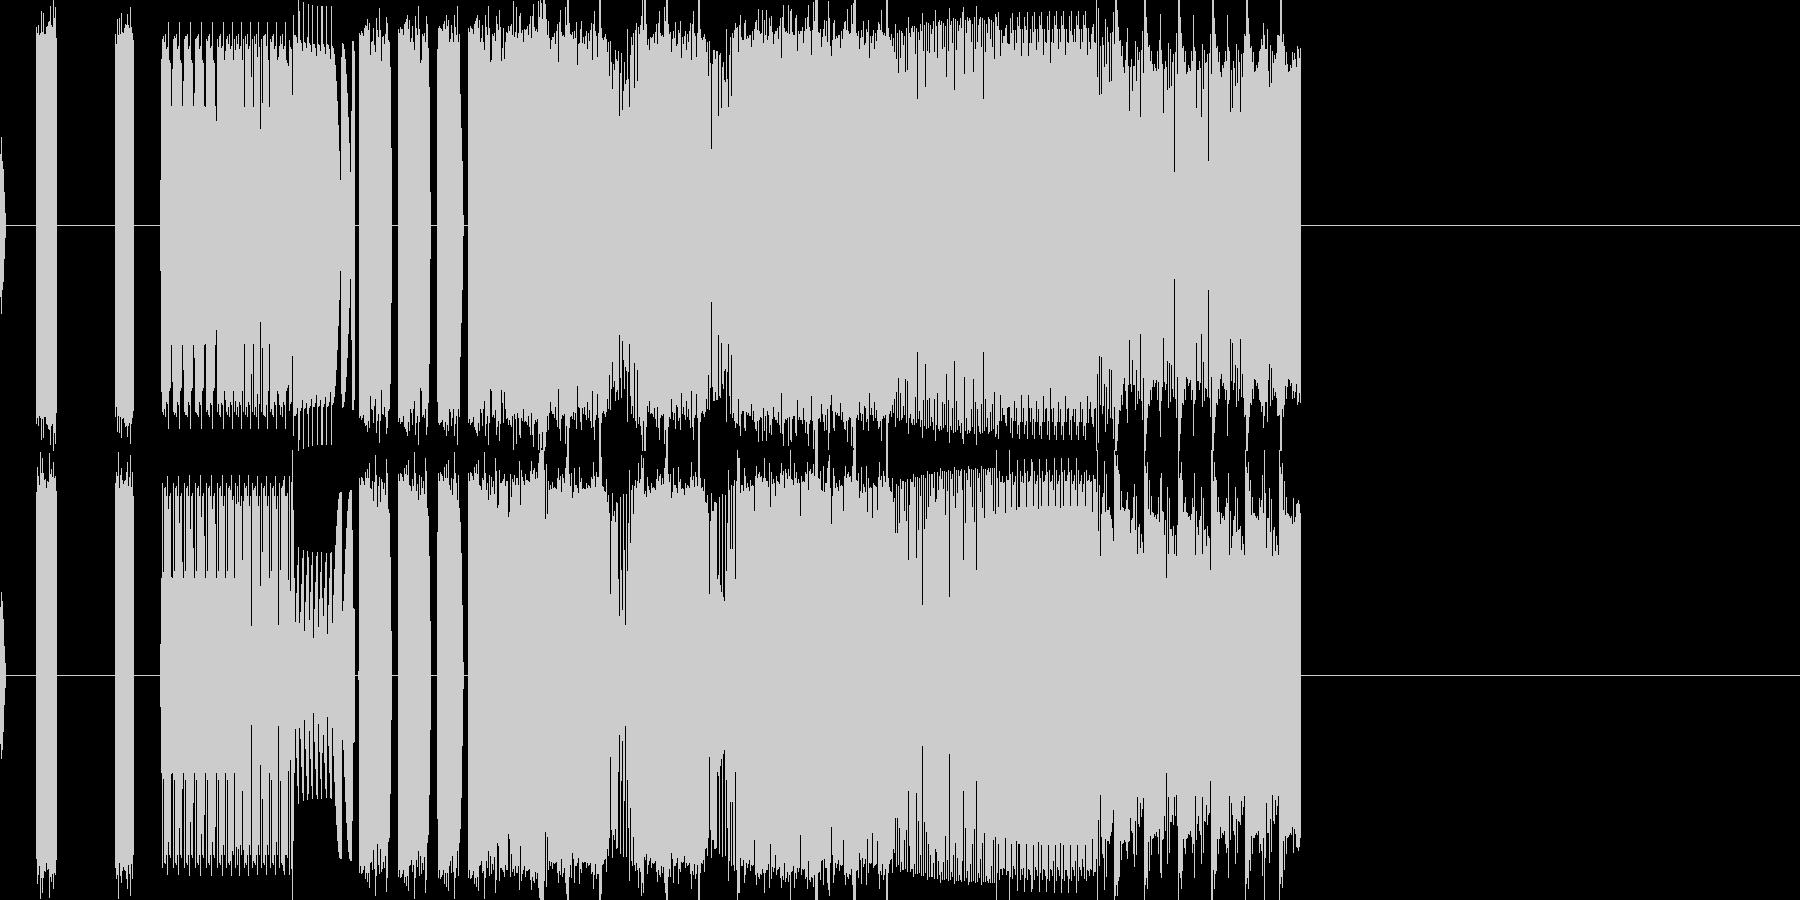 バグ bug 音 (pc AI 機械)の未再生の波形